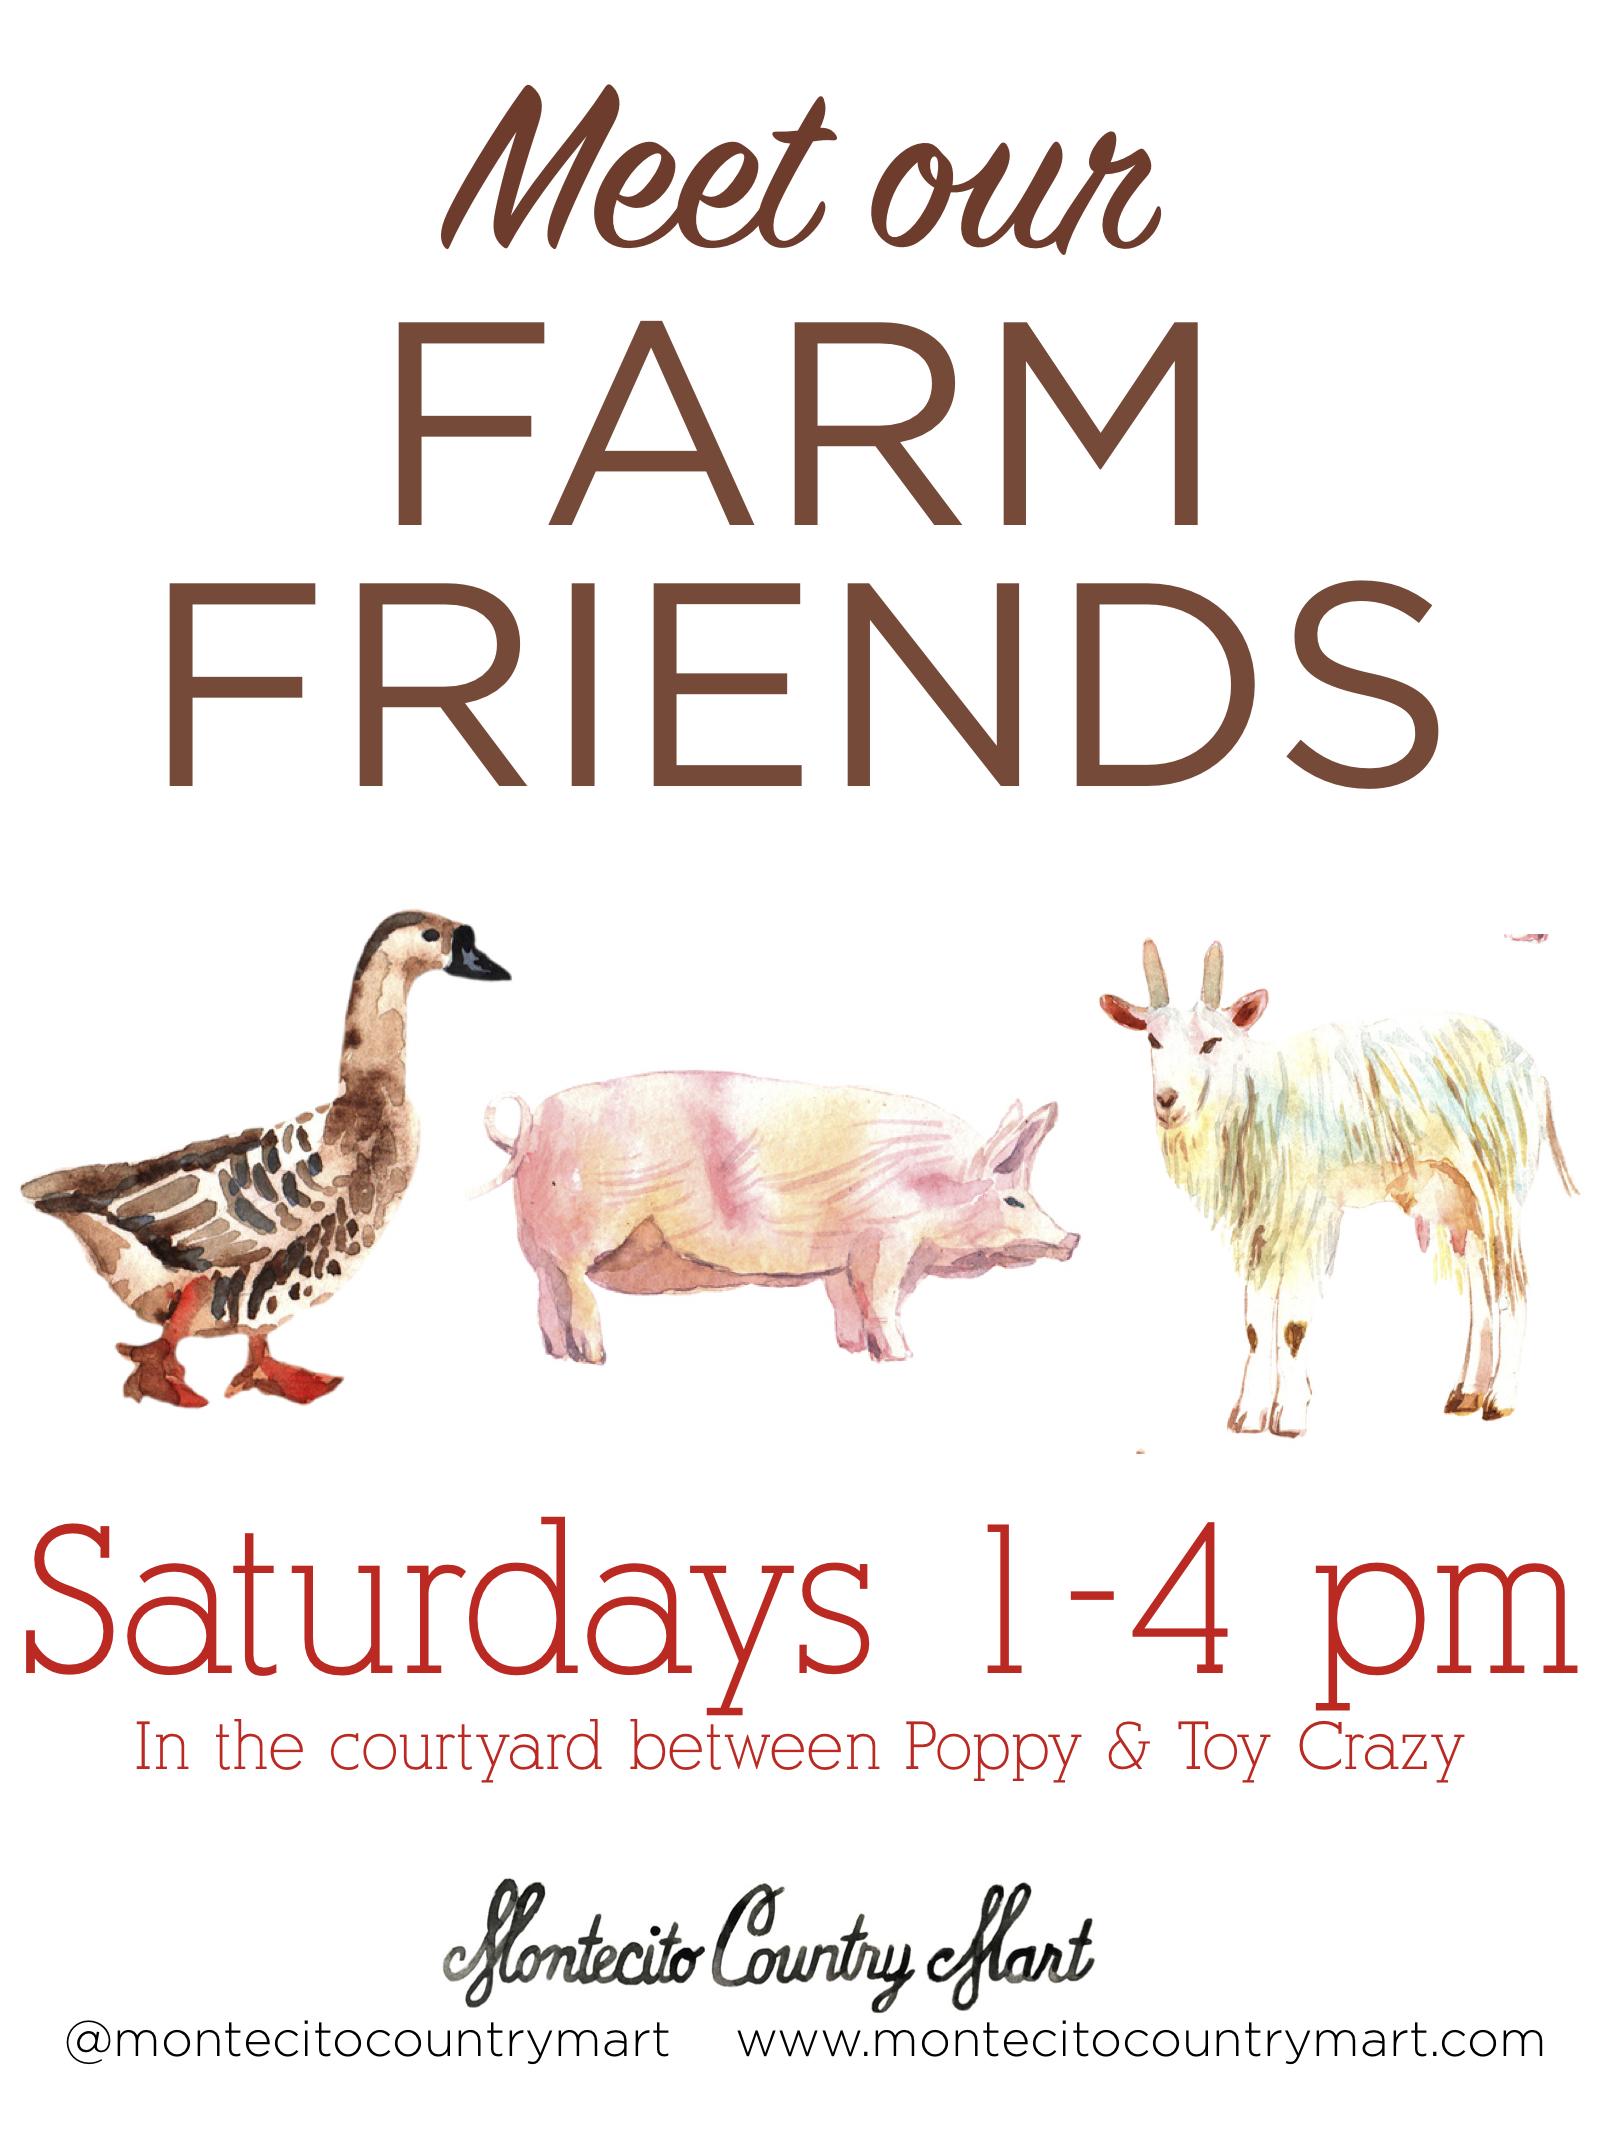 Meet our Farm Friends